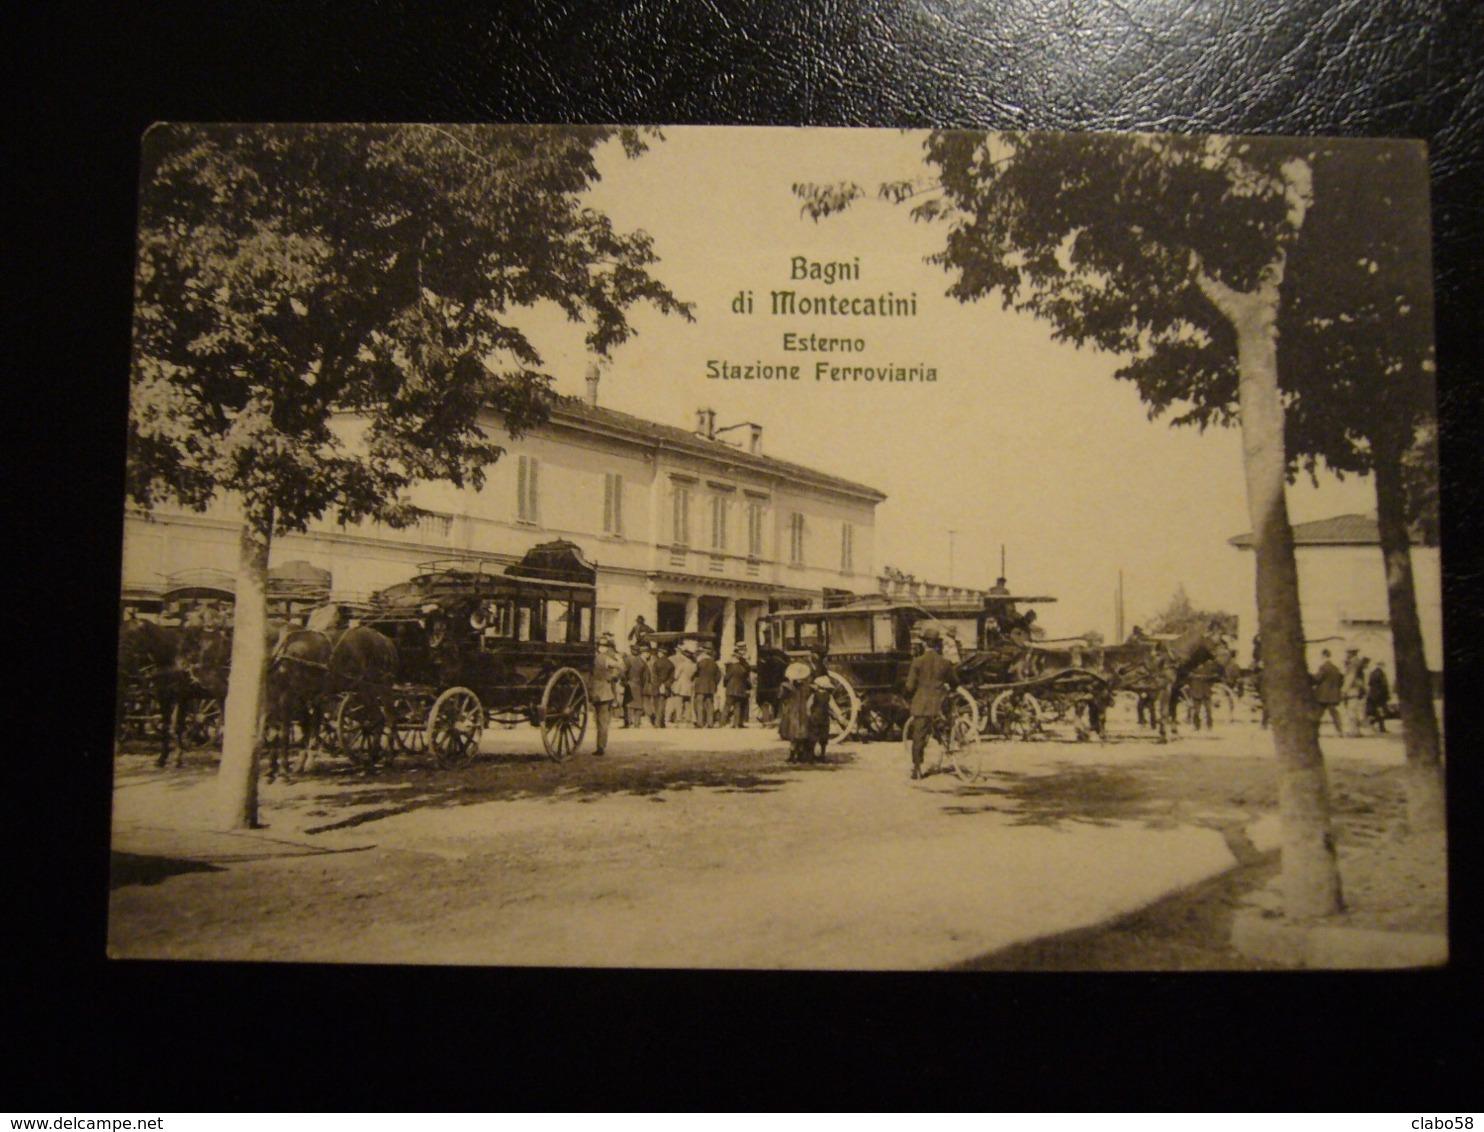 1911  BAGNI DI MONTECATINI  ESTERNO STAZIONE FERROVIARIA  DILIGENZE ANIMATA - Altre Città